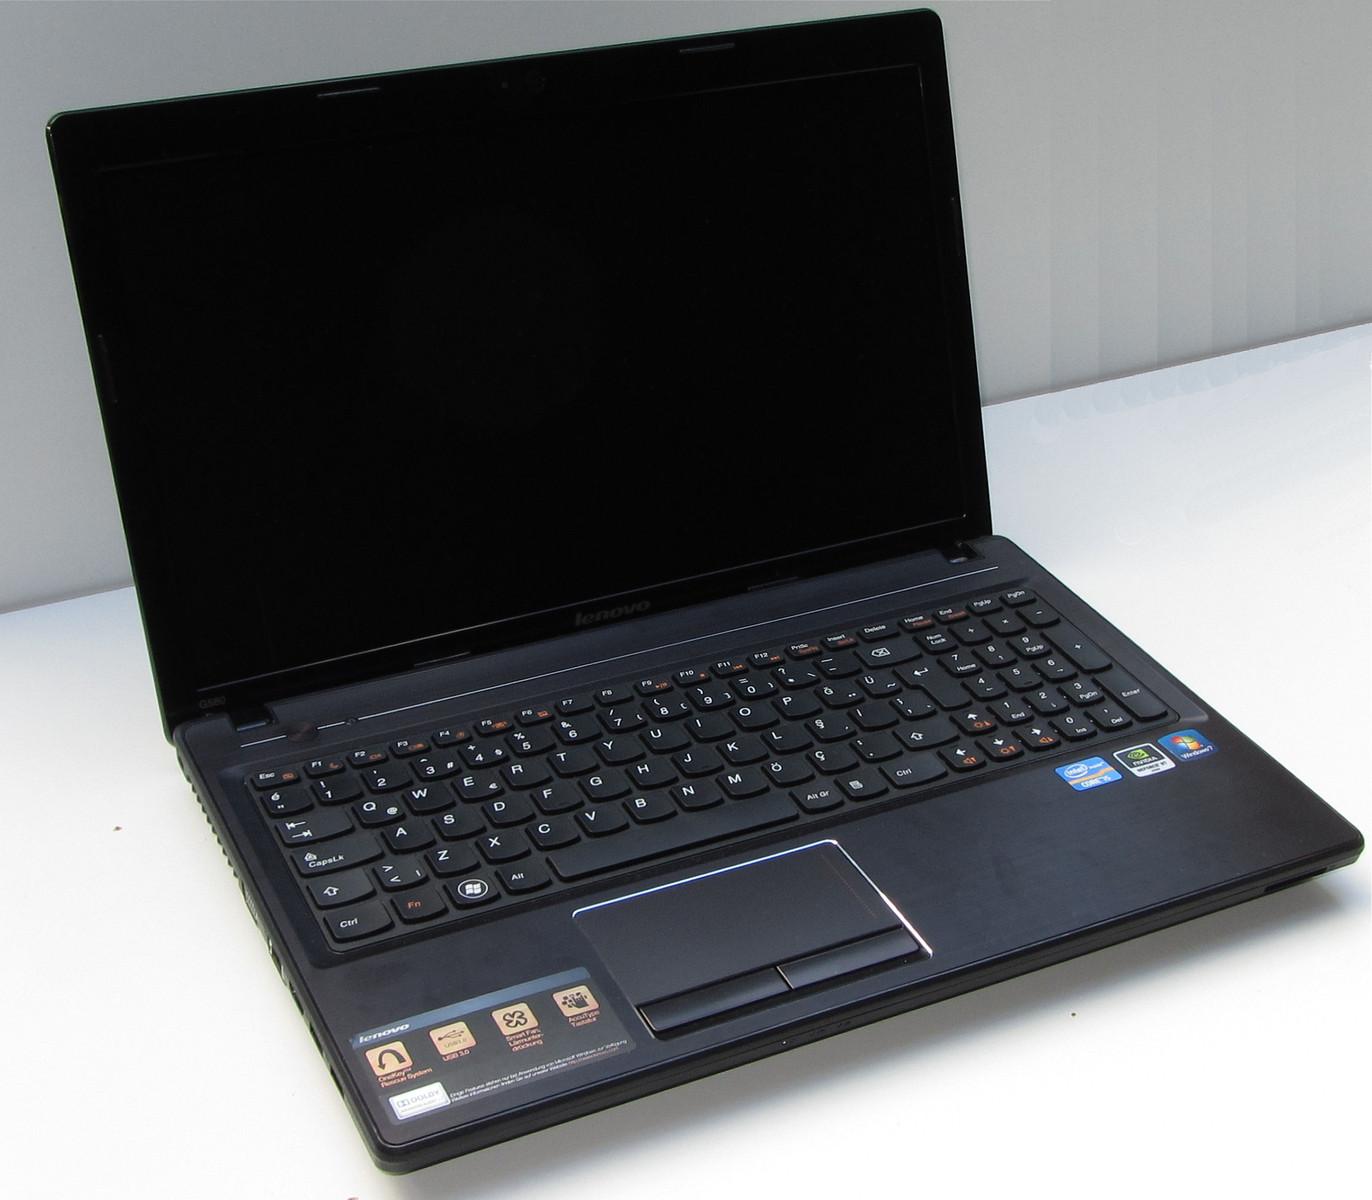 Lenovo IdeaPad G580 noteszgépek különböző külsővel